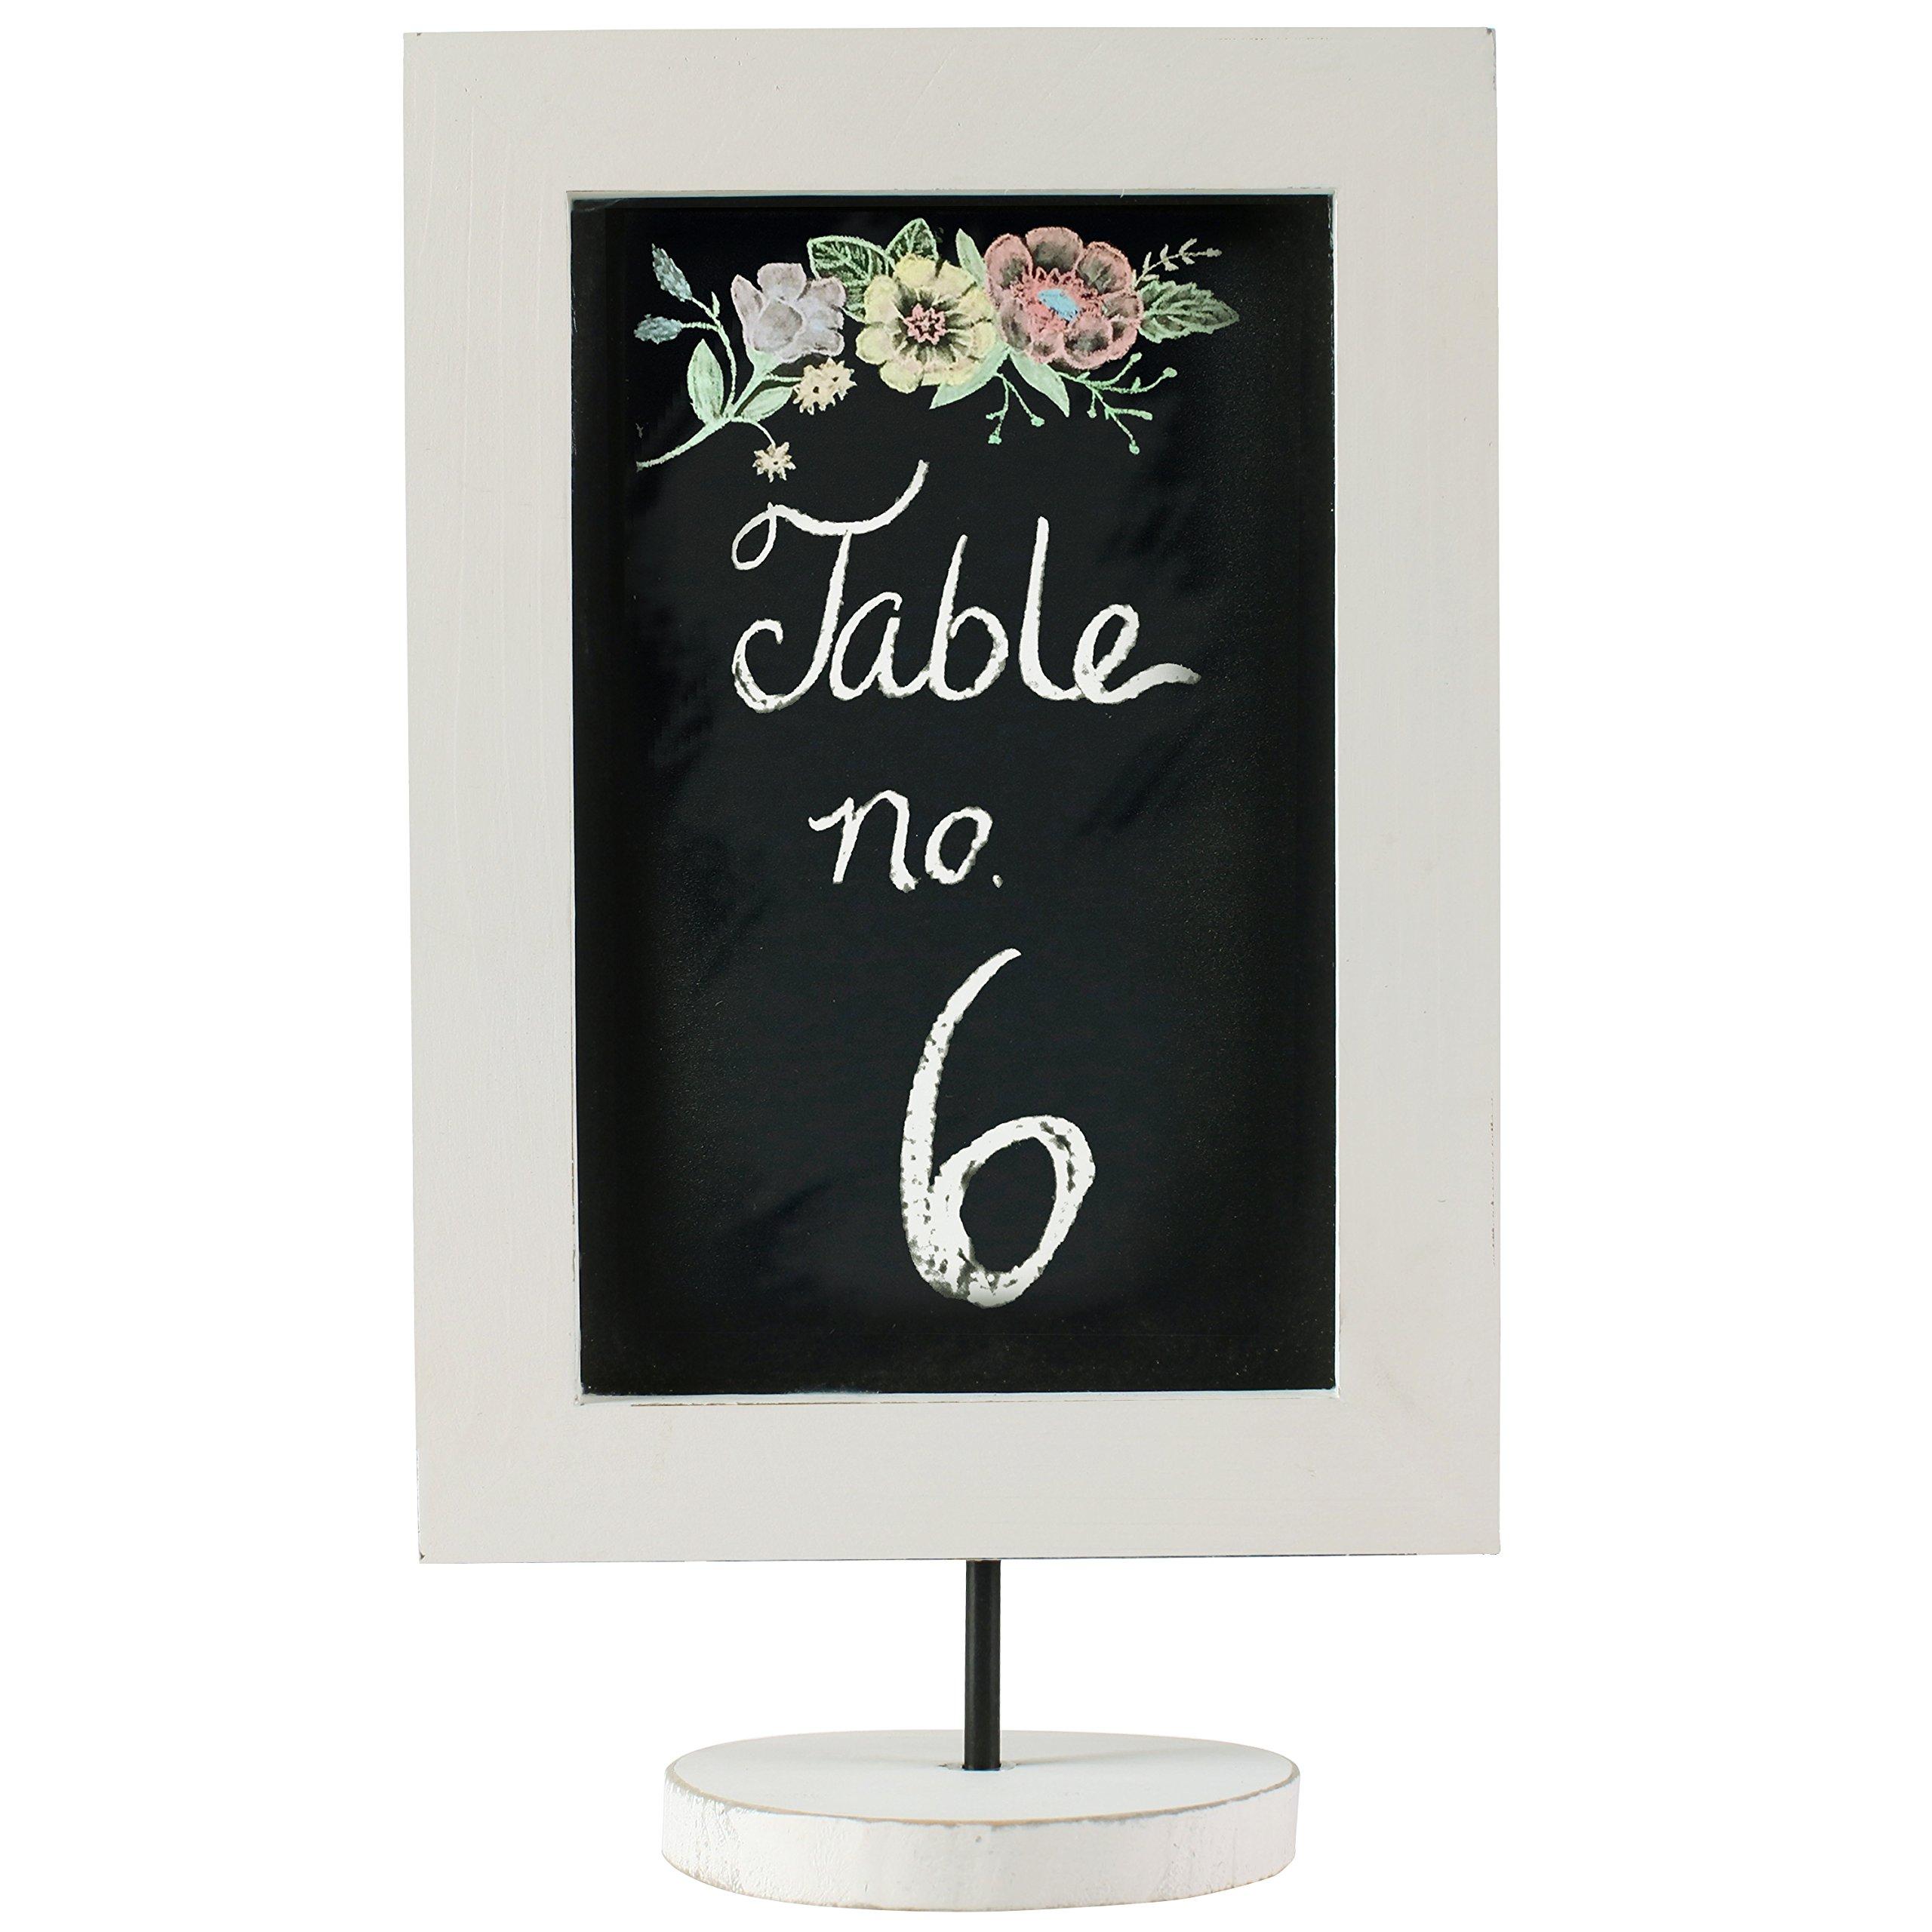 12 Inch Vintage Whitewashed Wood Framed Blackboard, Tabletop Chalkboard Sign, Cafe Menu Board